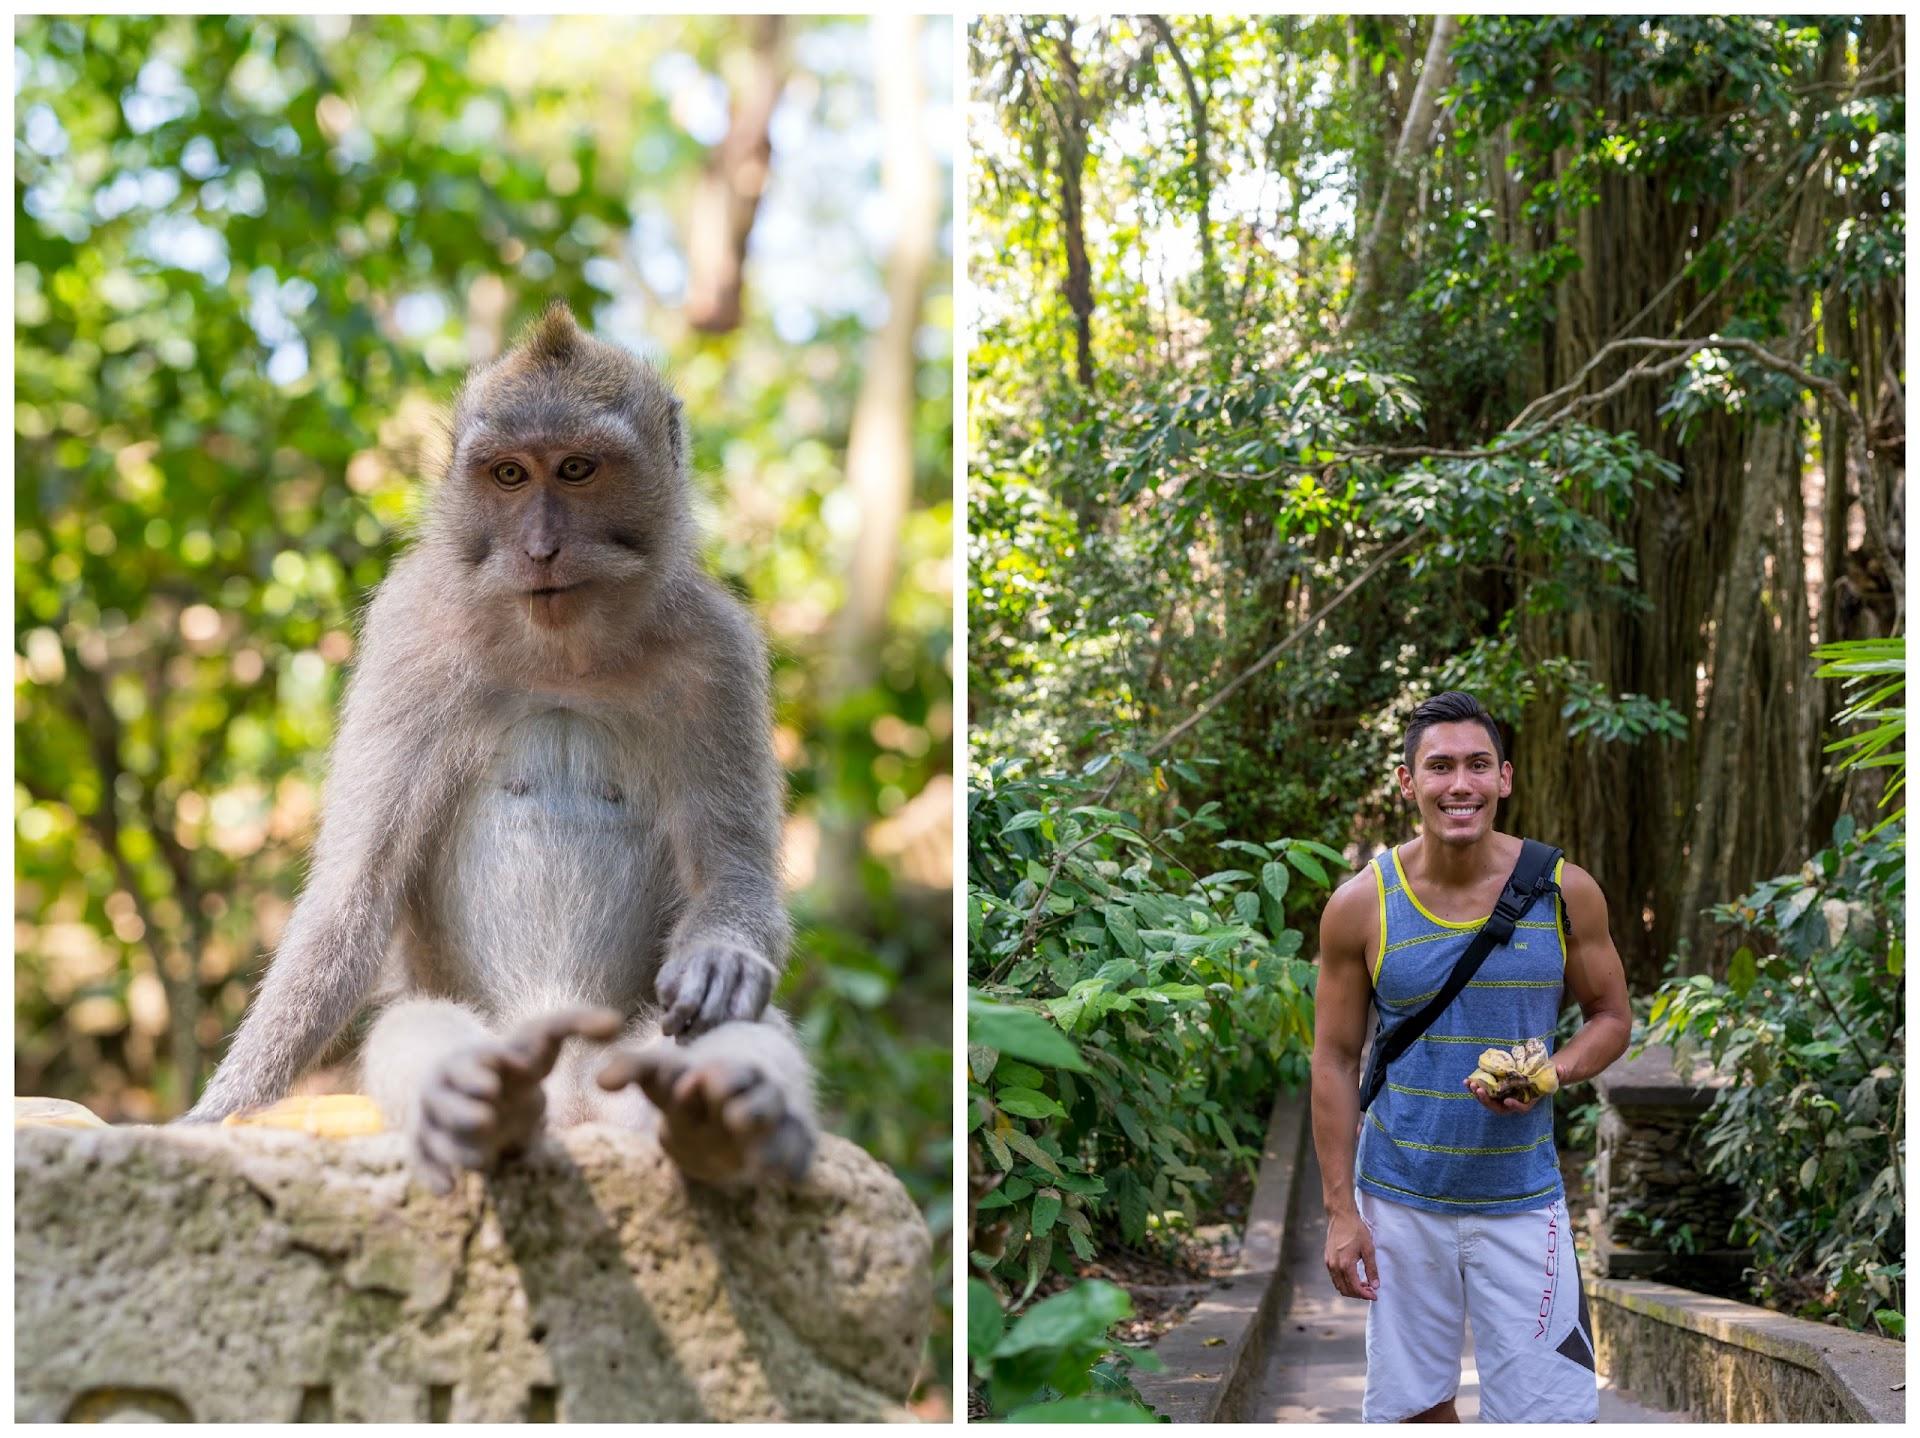 jungle, travel blog, bali ubud, monkey sanctuary, nature landscape photography, photographer california san francisco bay area, travel blogger, southeast asia, couple bloggers, asian, monkey photography, animals